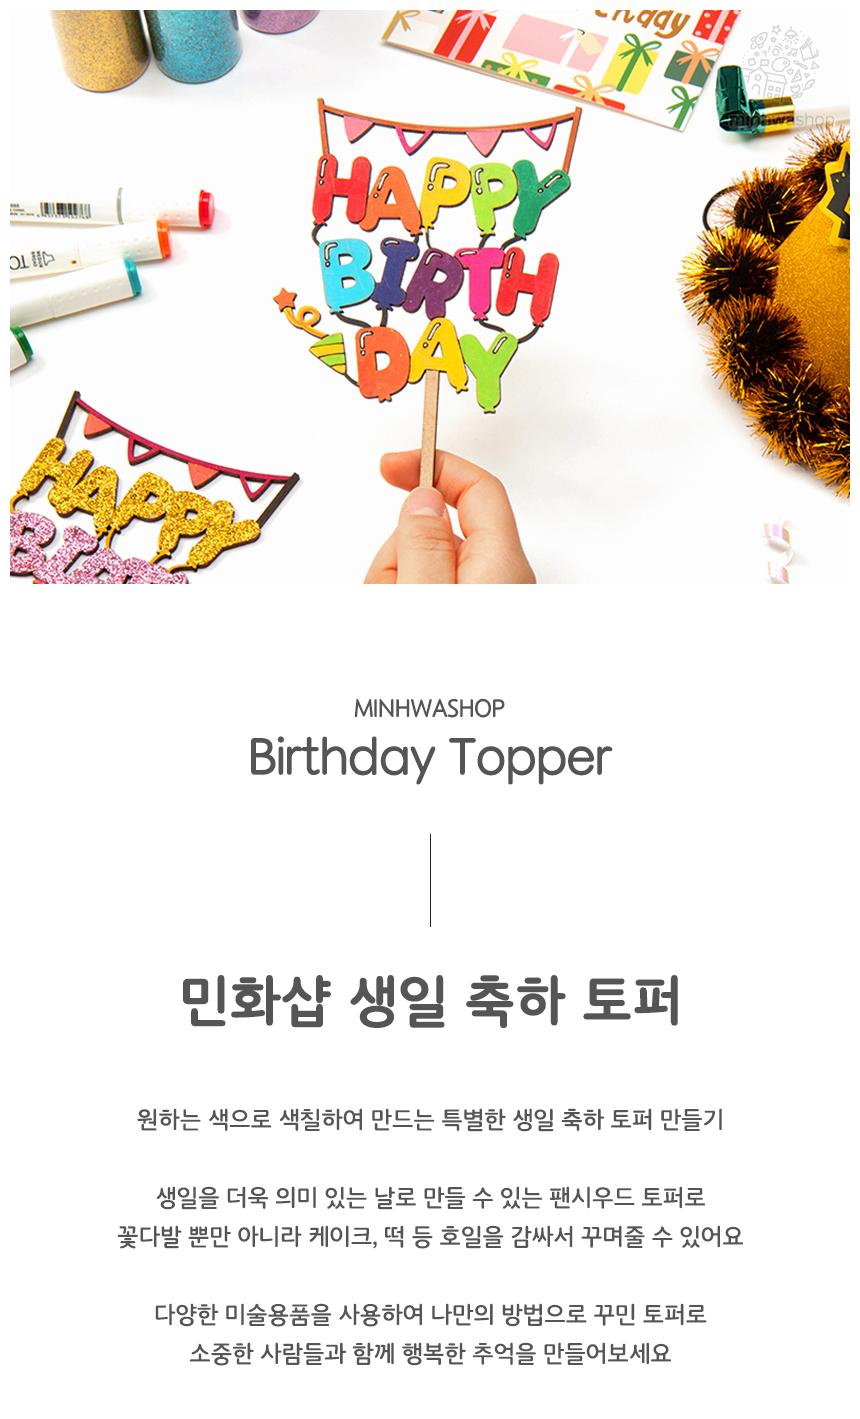 생일 토퍼만들기